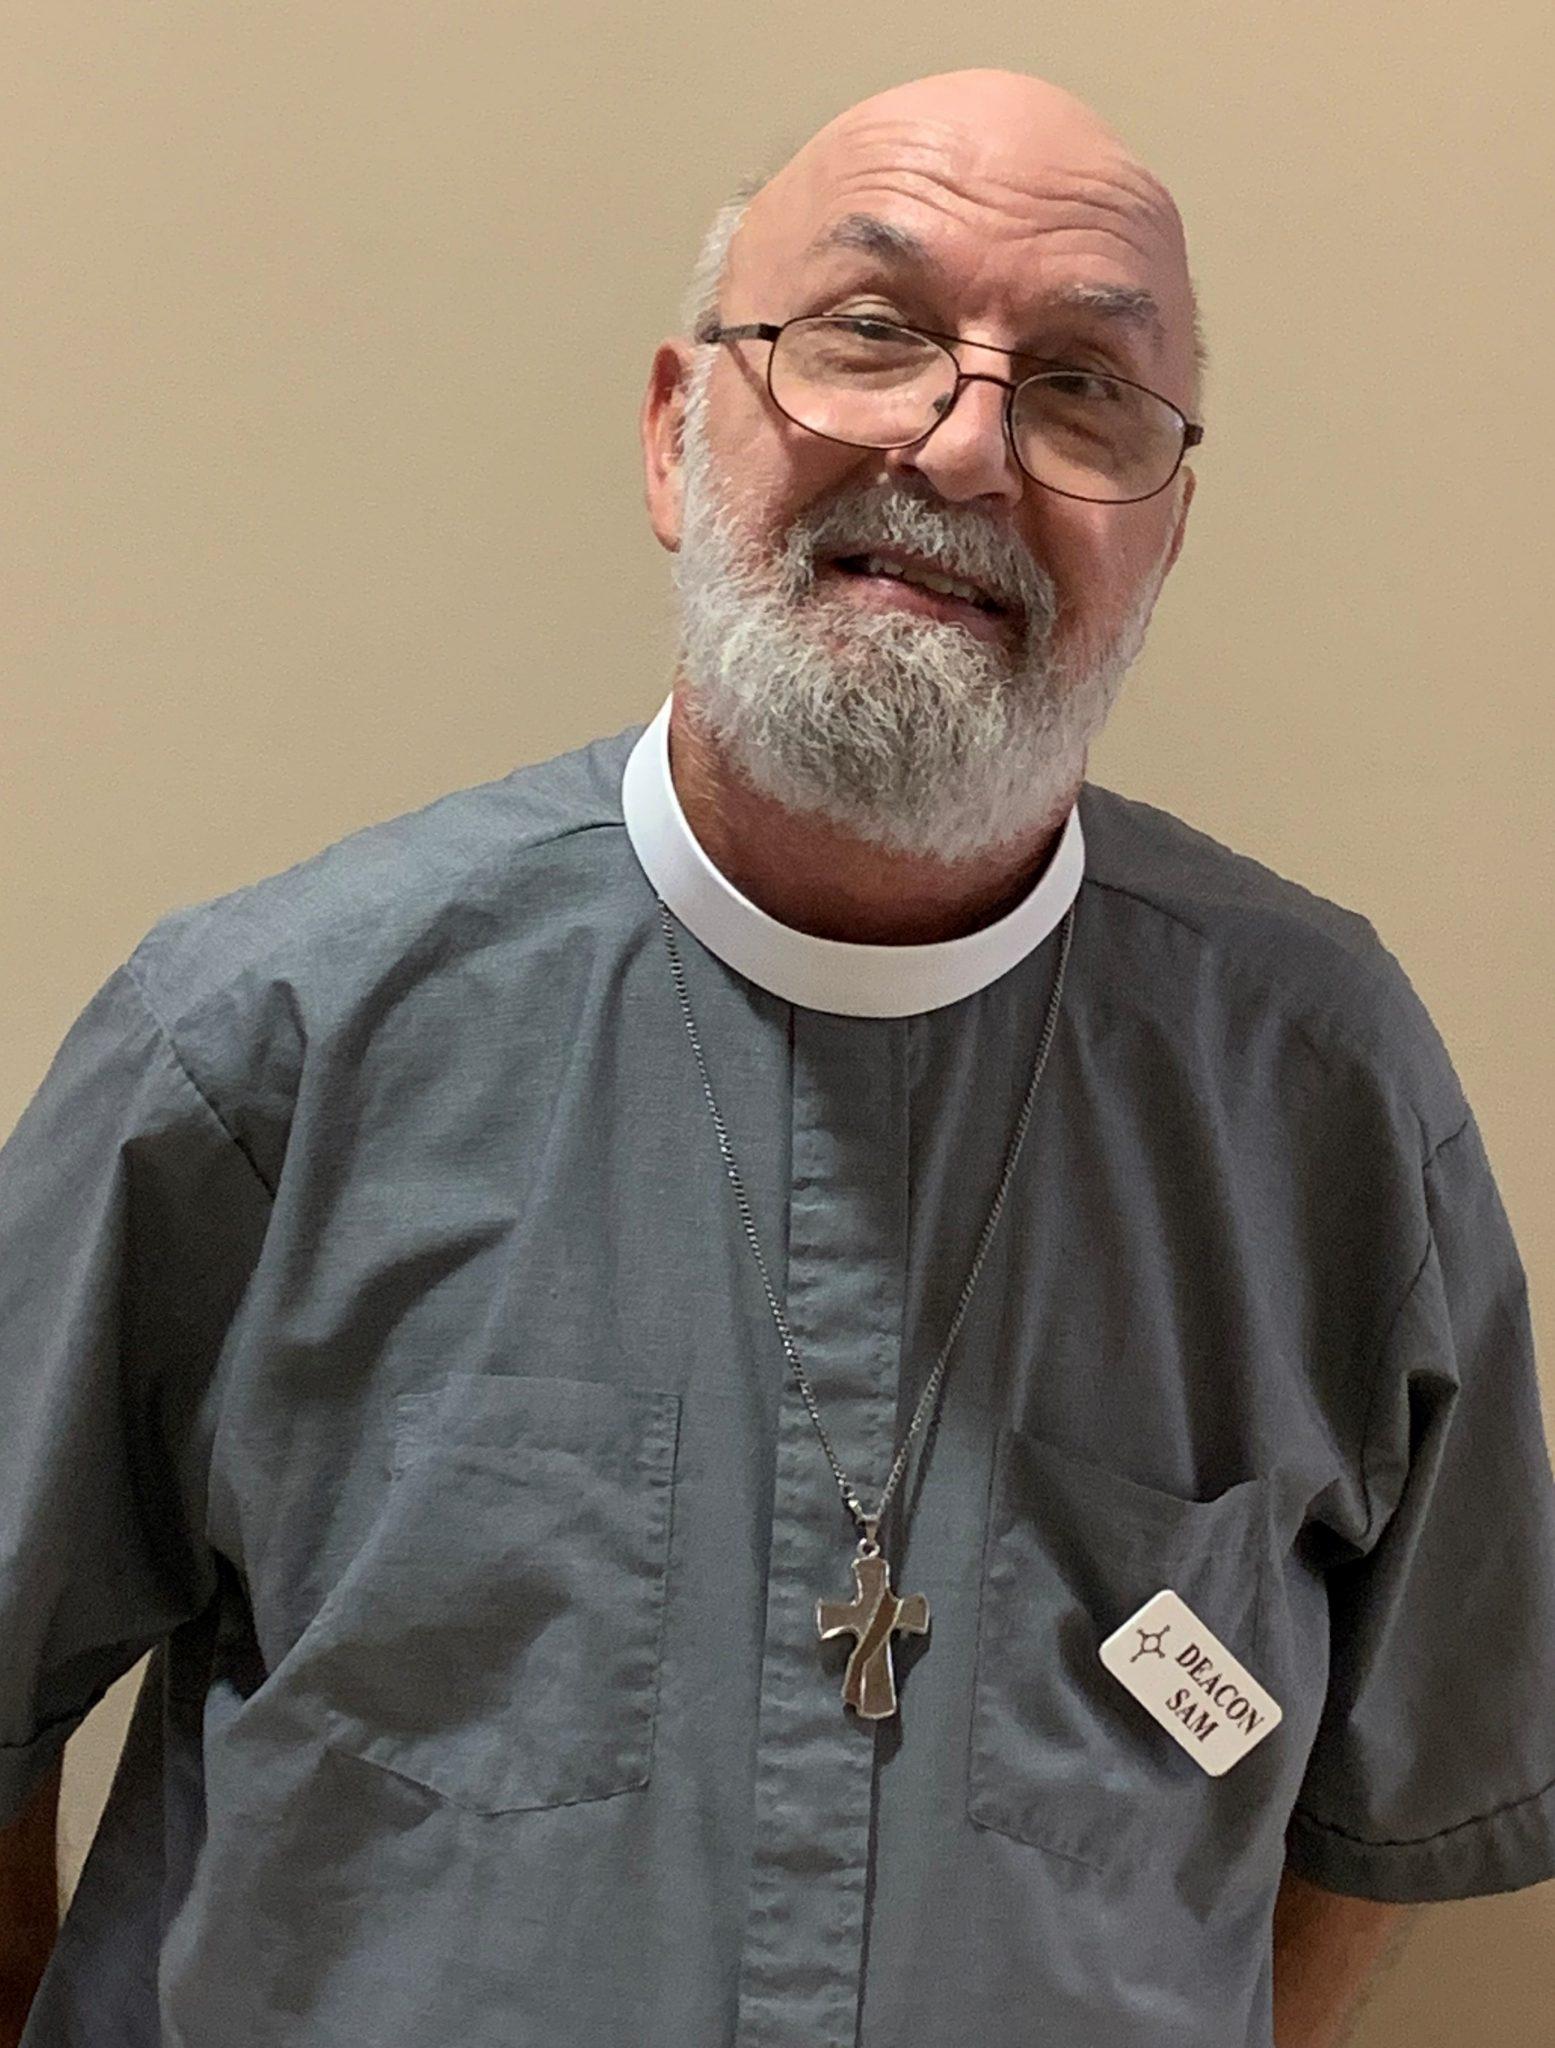 The Rev. Sam Katulic, Deacon